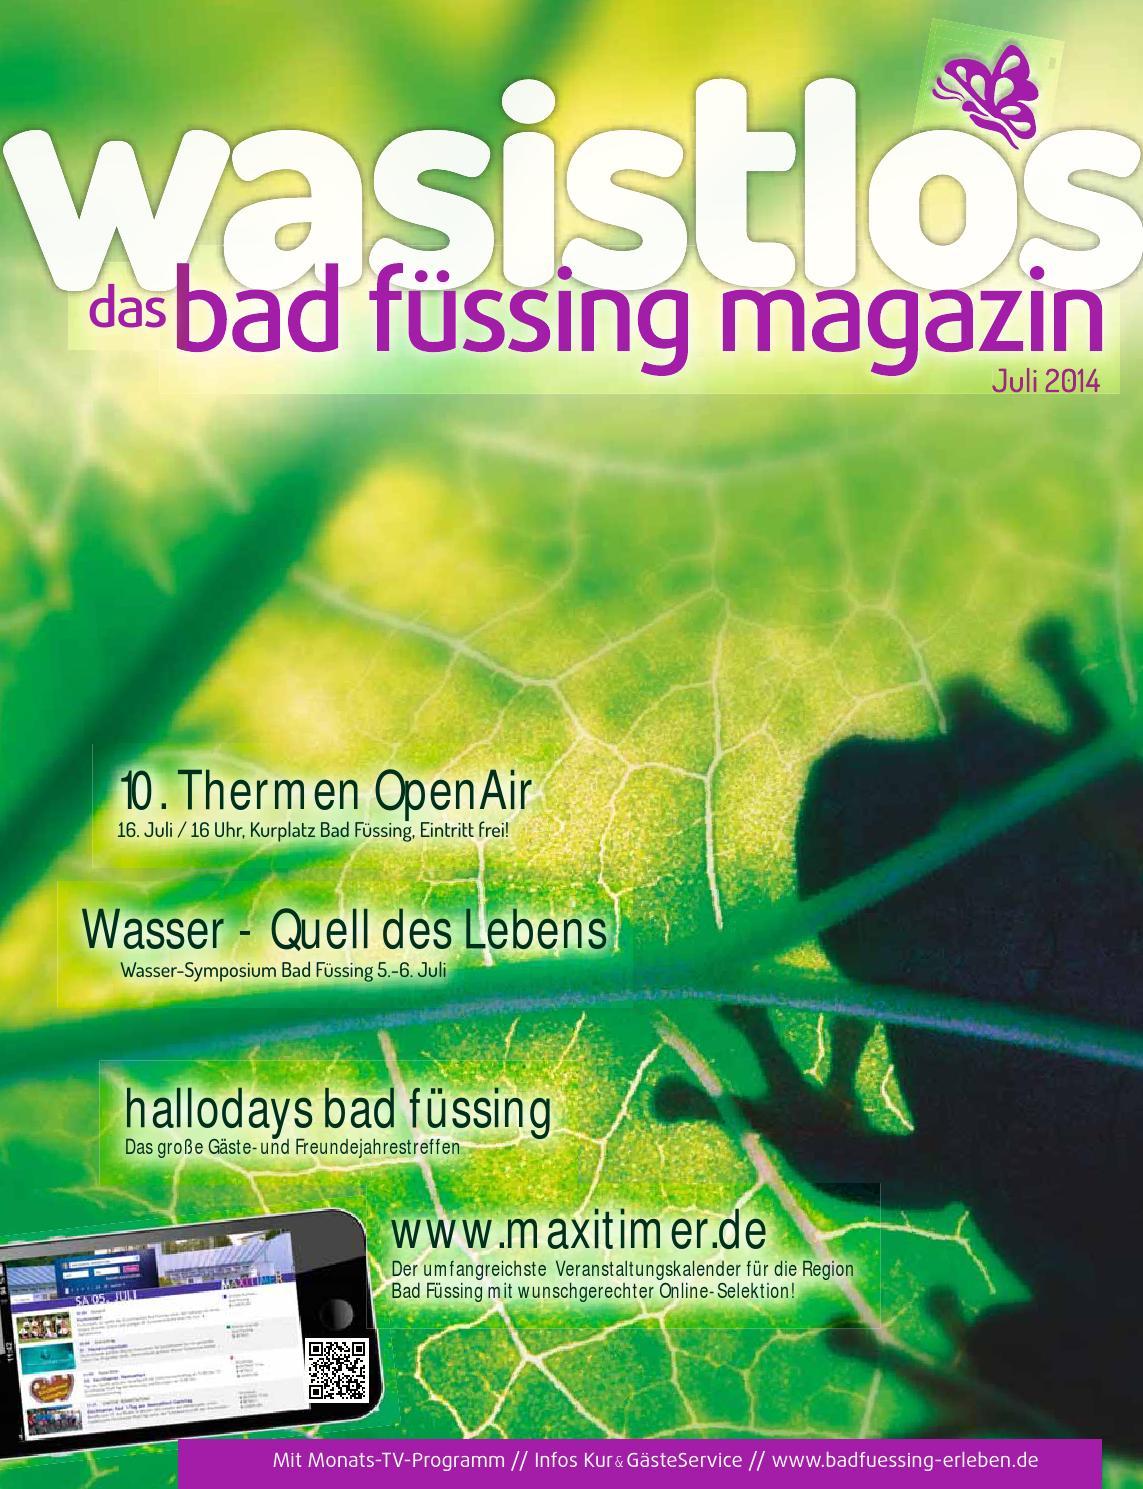 Bad Füssing Magazin - wasistlos - aktuell Bad Füssing erleben Juli ...